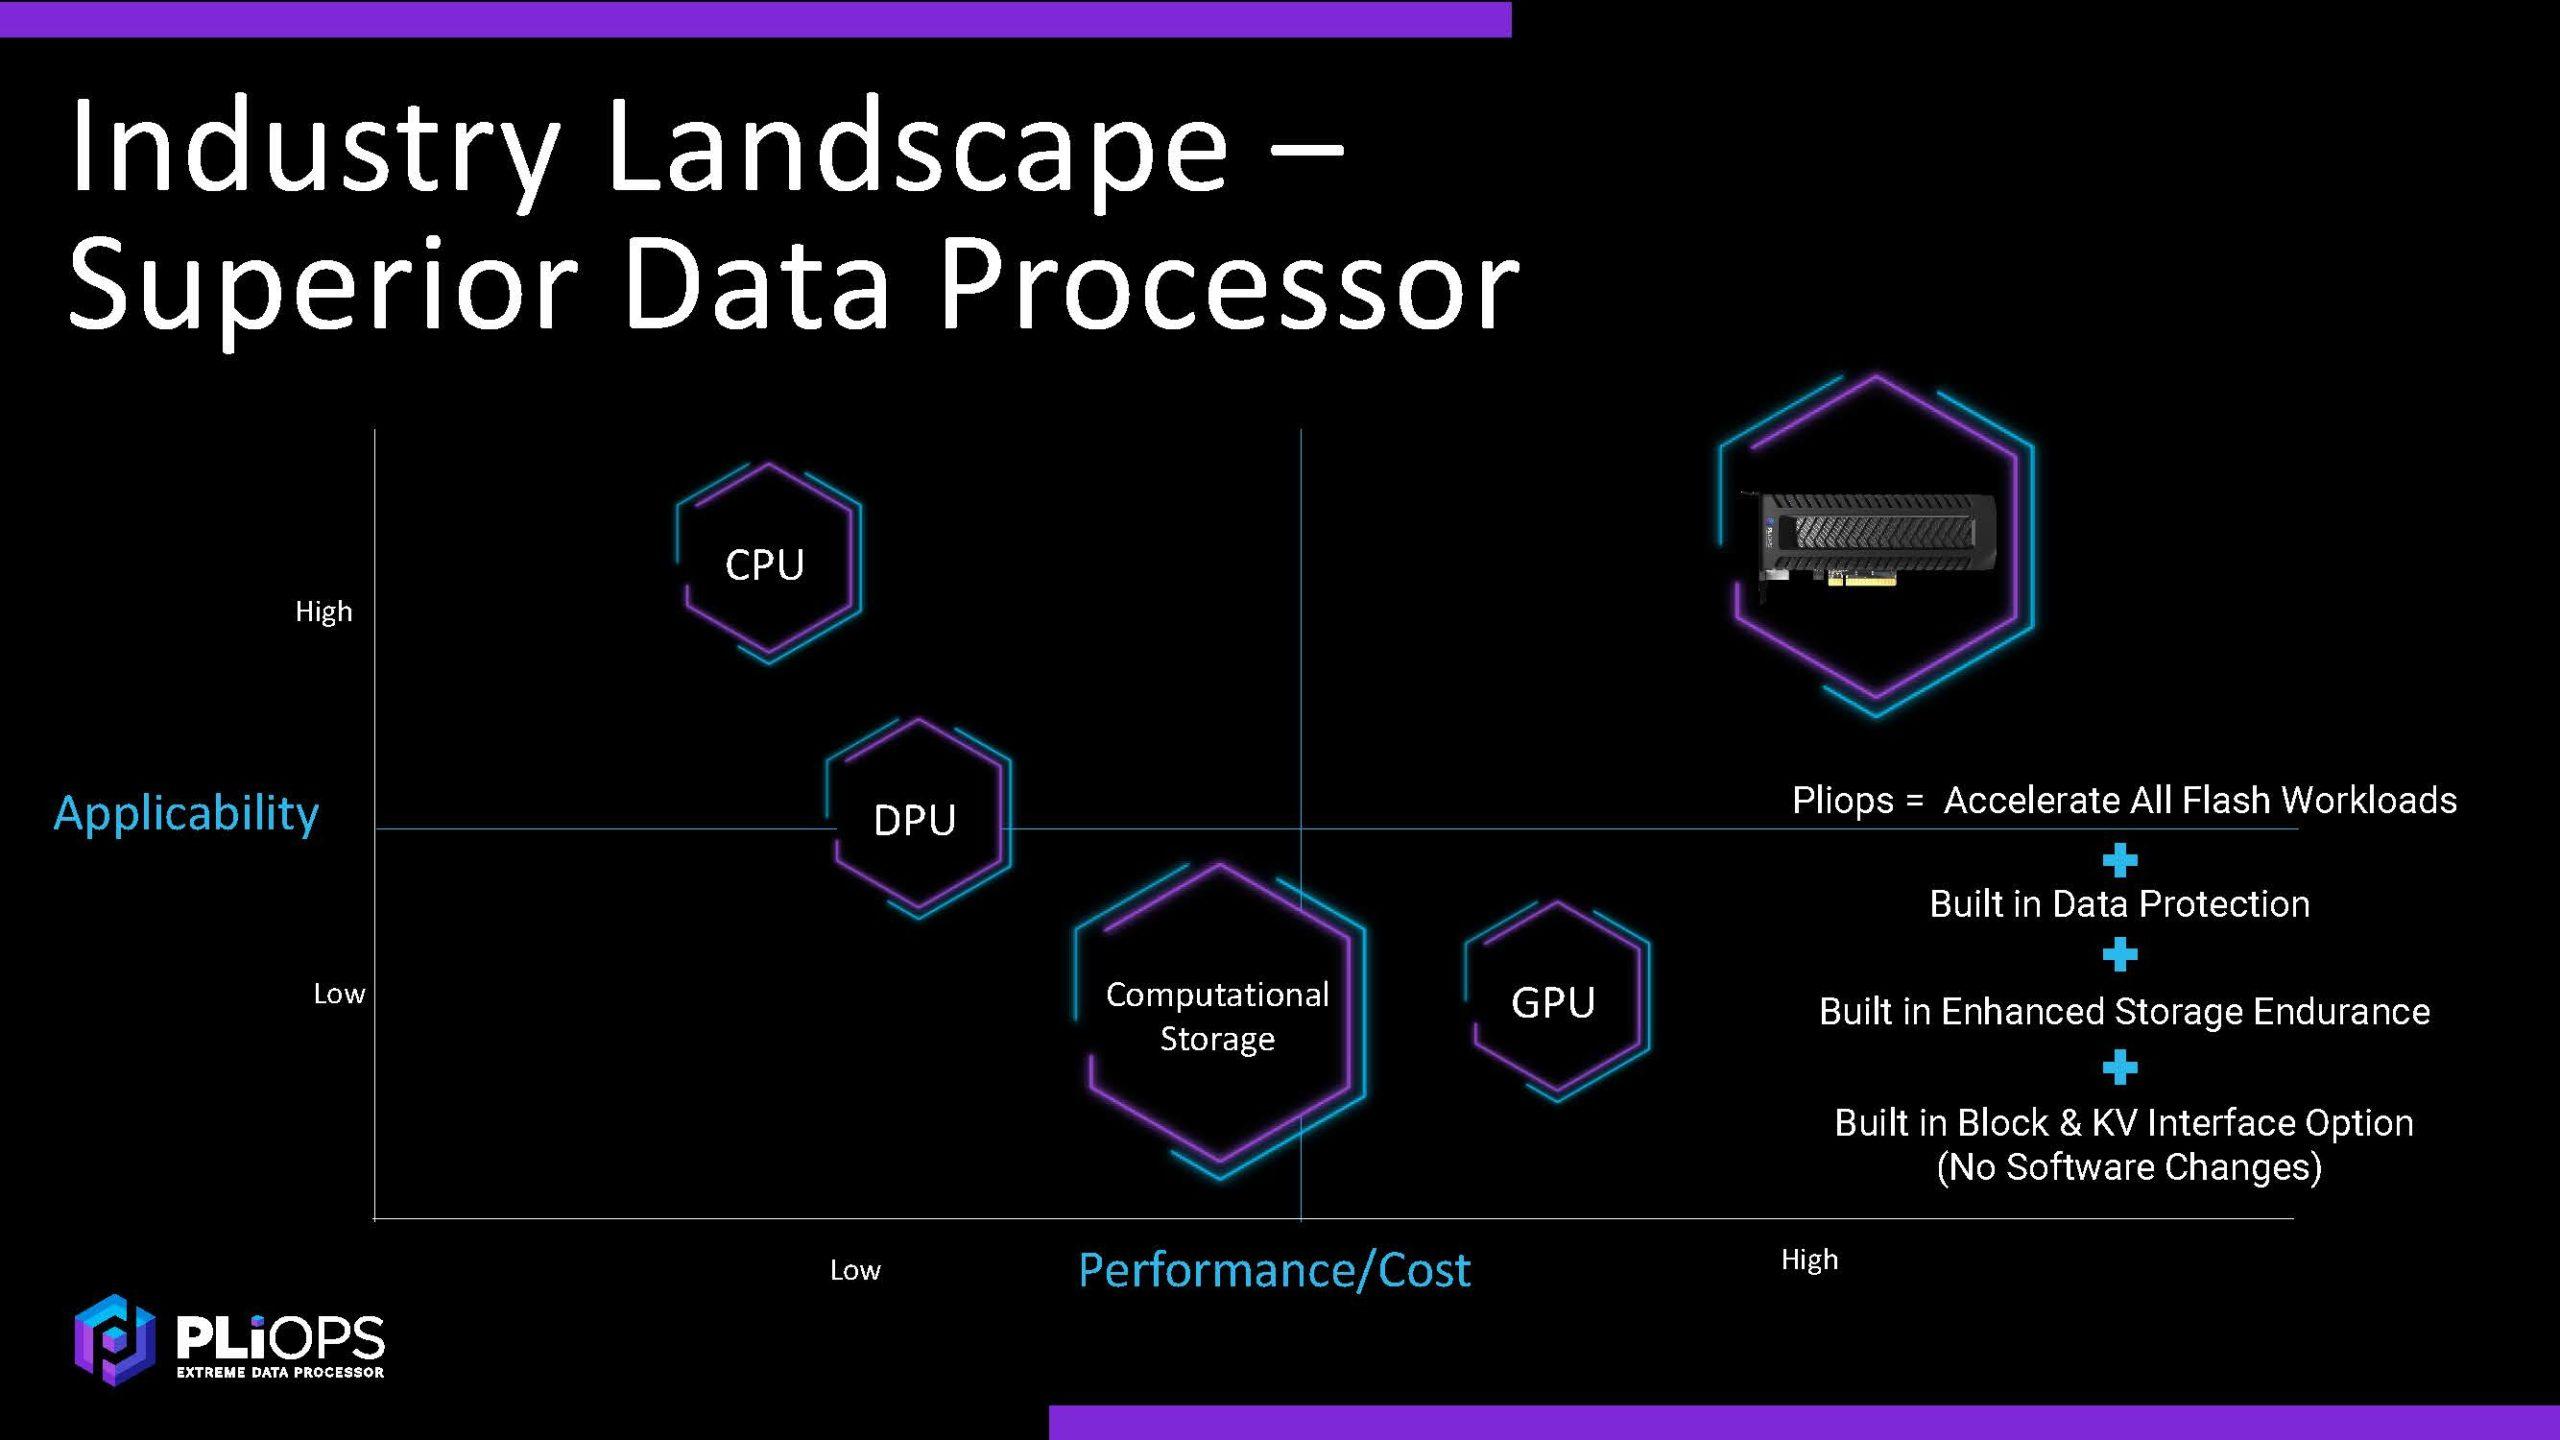 Pliops XDP Compared To CPU DPU GPU Computational Storage